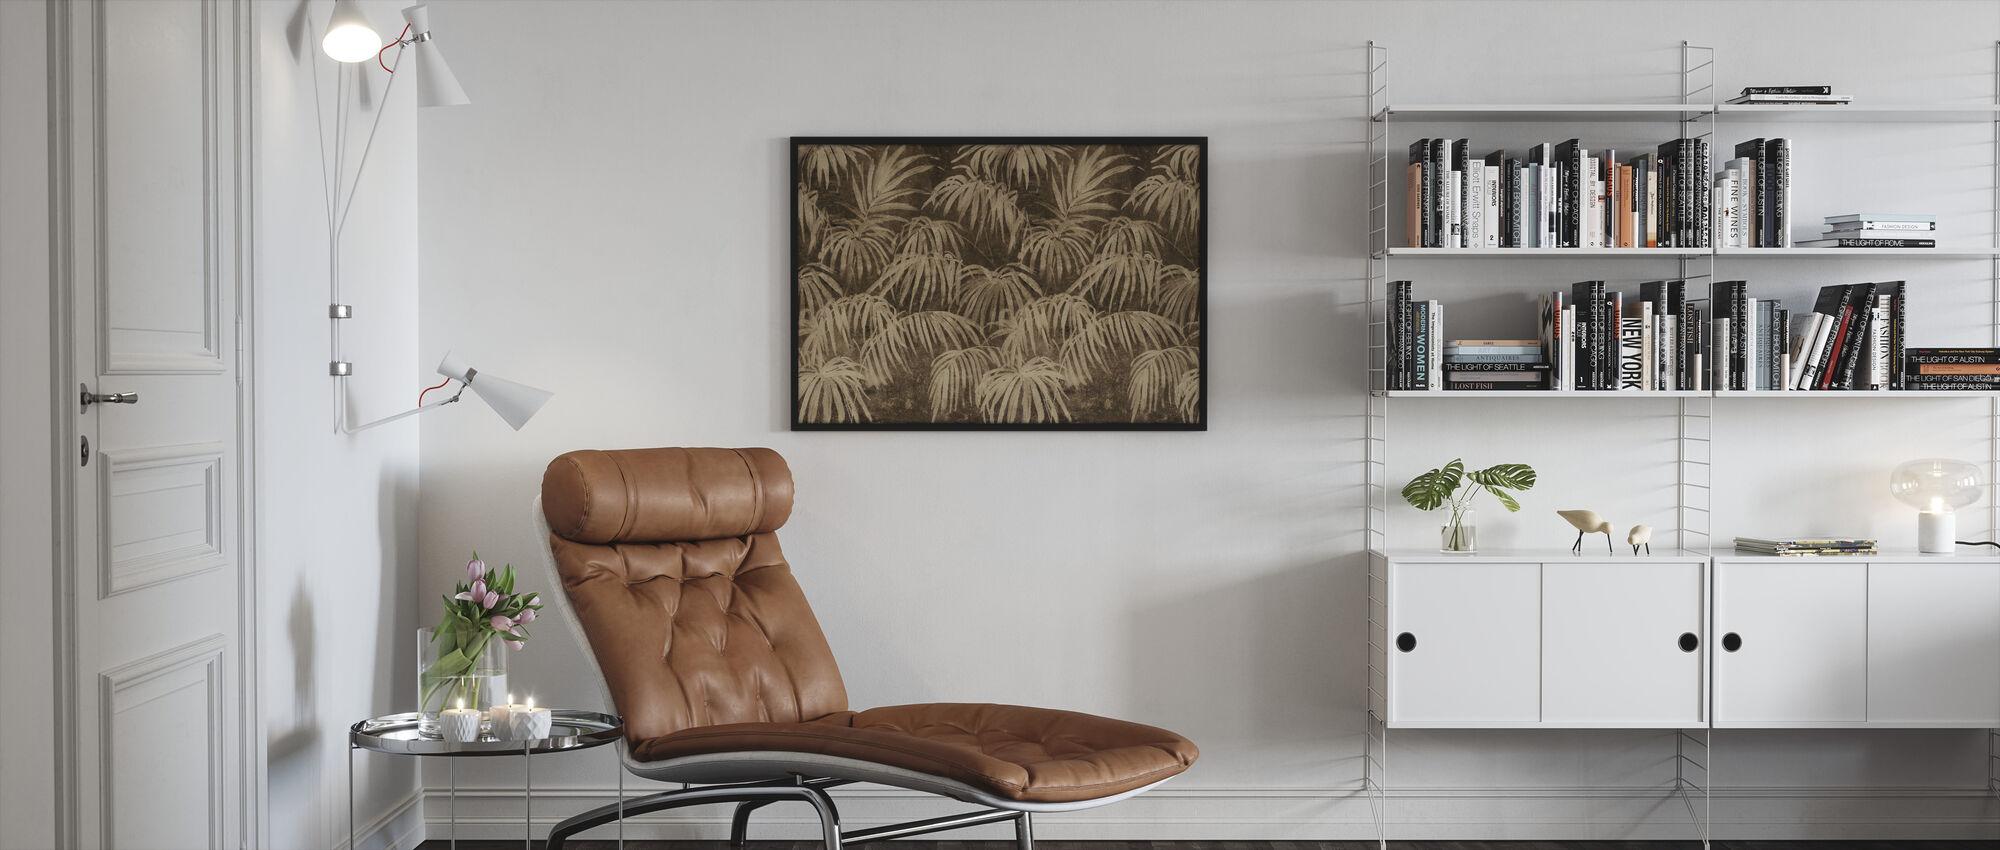 Bohemian Bamboo - Framed print - Living Room